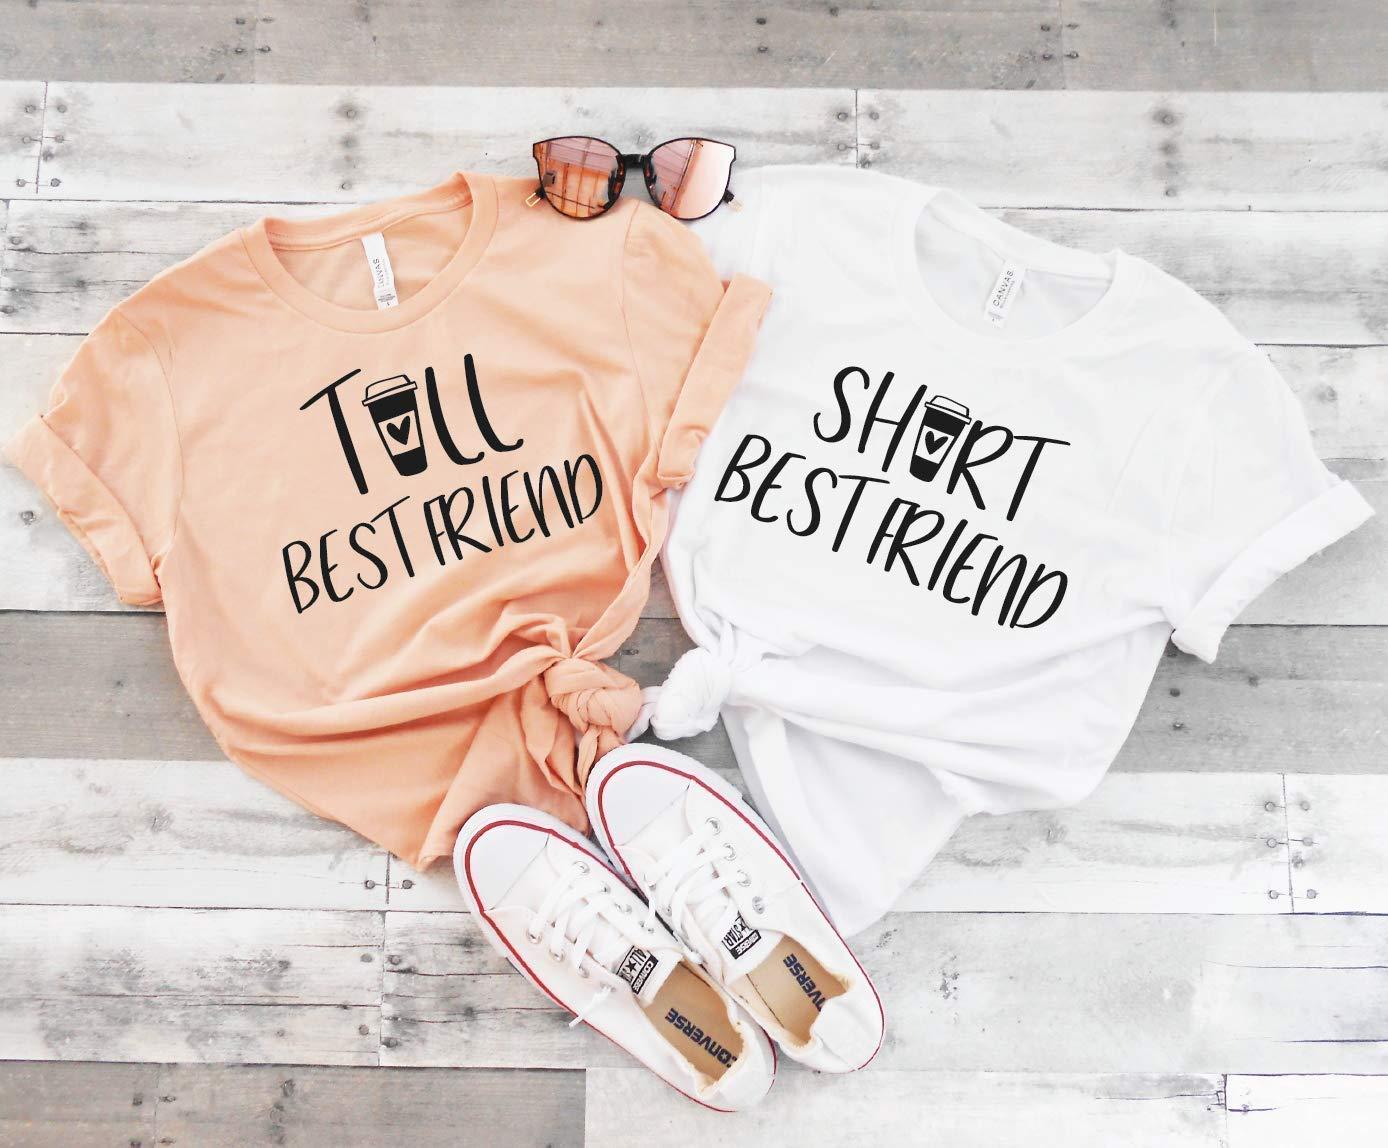 Tall Best Friend Shirt, Short Best Friend Shirt, Cute Best Friend Shirt,  BFF Shirts, Tall and Short Best Friend Shirt, Unisex Basic Shirt, Coffee ...